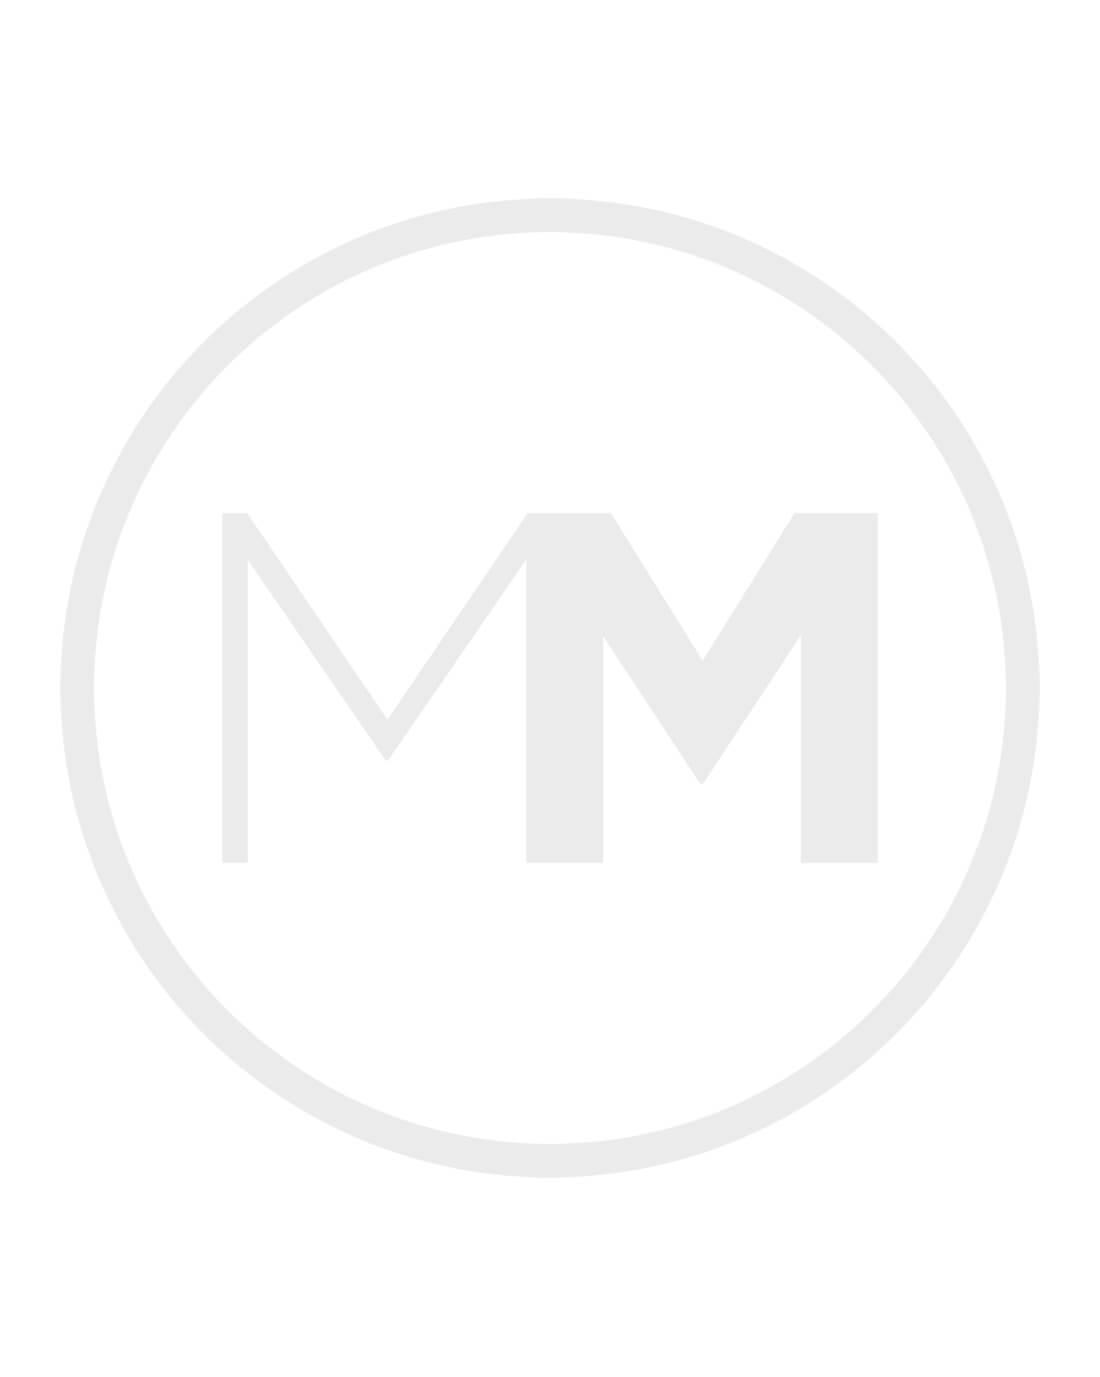 Hilfiger Denim Polo DM0DM02772 Backend